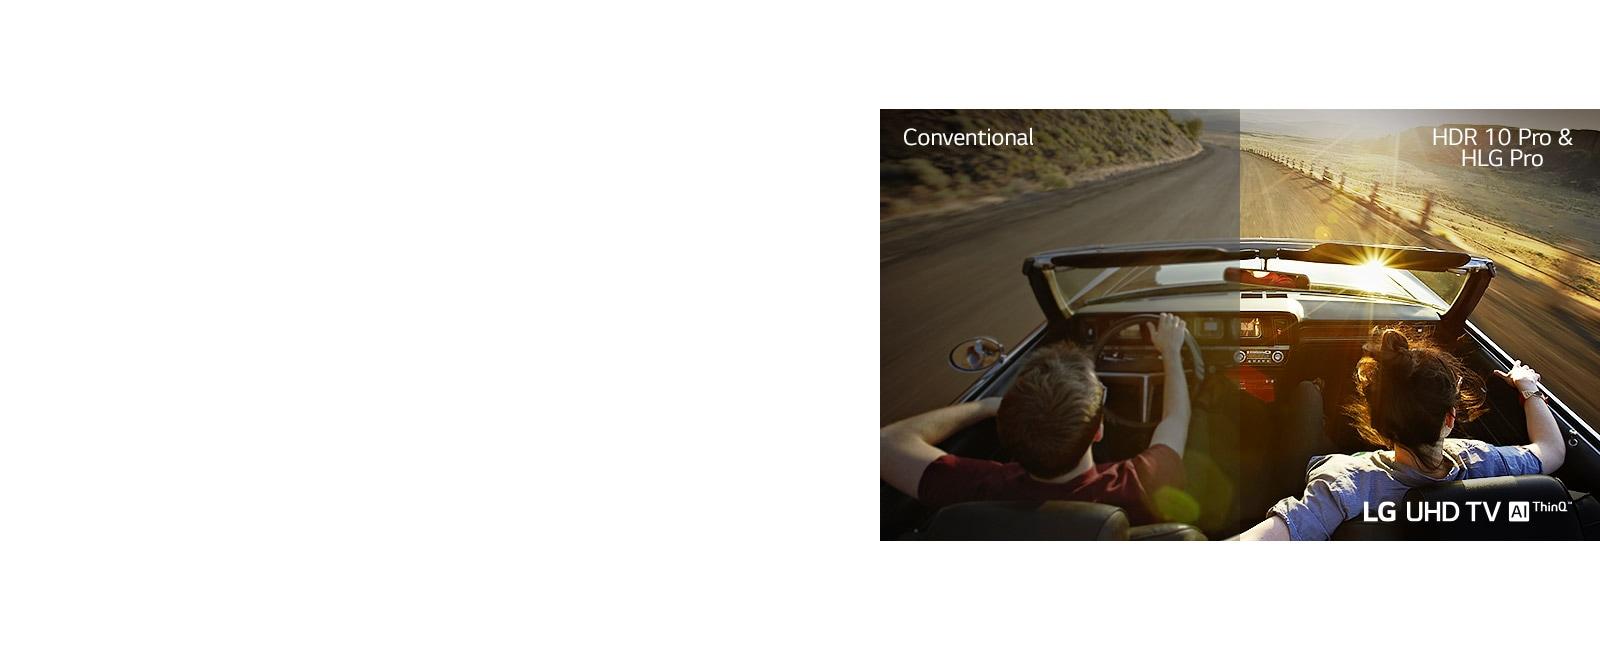 Un couple dans une voiture roulant sur une route. La moitié est affichée sur un écran conventionnel avec une qualité d'image médiocre. L'autre moitié est présentée avec une qualité d'image TV LG UHD nette et éclatante.